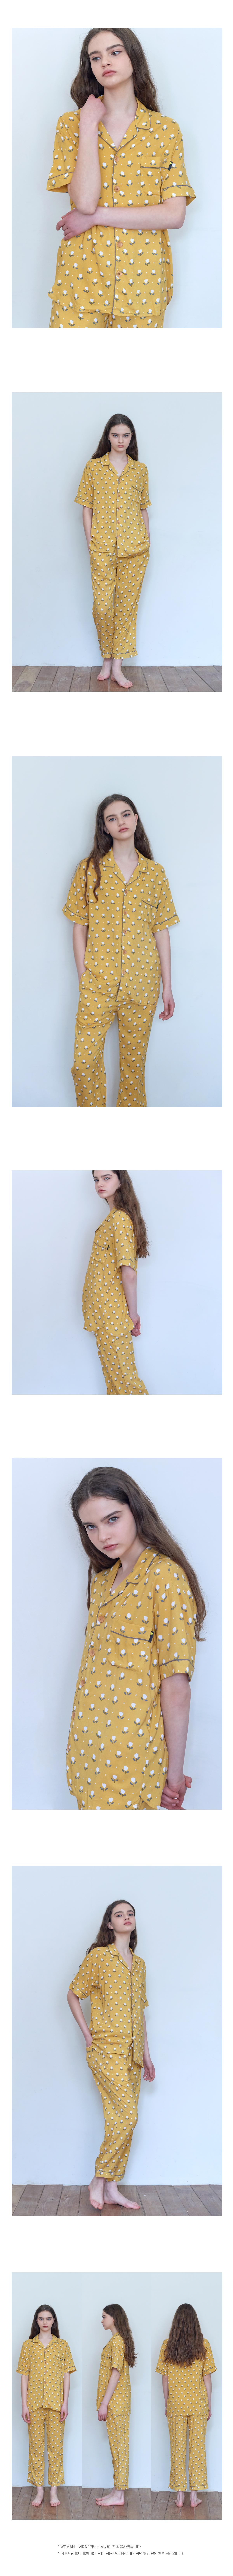 더스프링홈(THE SPRING HOME) 더시원한 여름잠옷 - 튤립 머스터드 10부팬츠